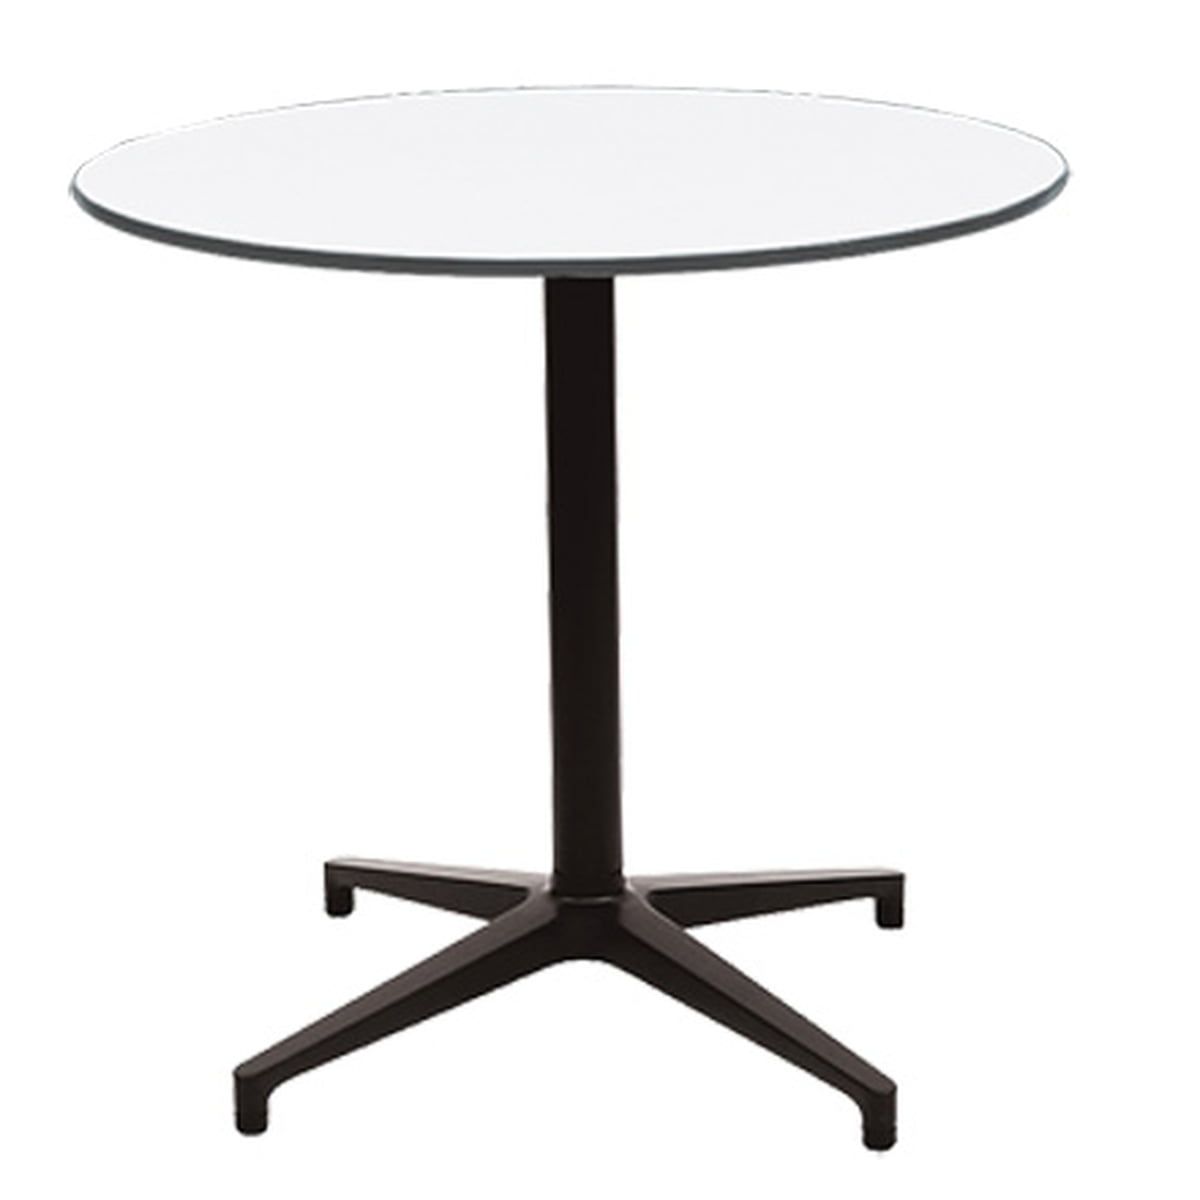 Delicieux Vitra Bistro Table, Rund, Ø 79,6 Cm, Weiß